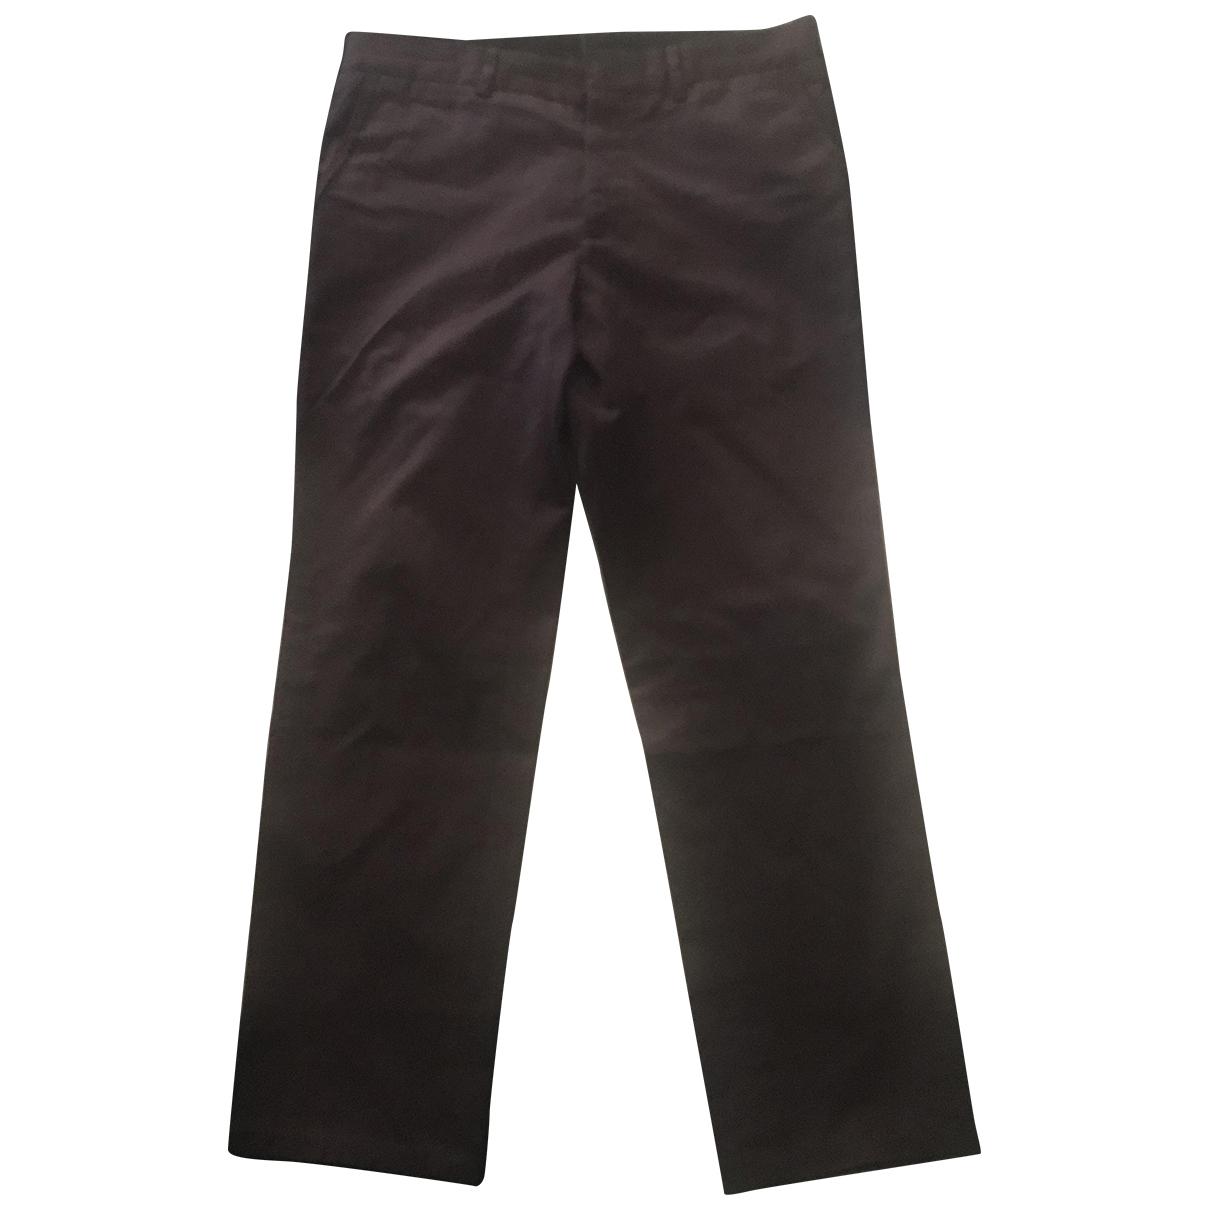 Pantalones en Algodon Burdeos Lanvin